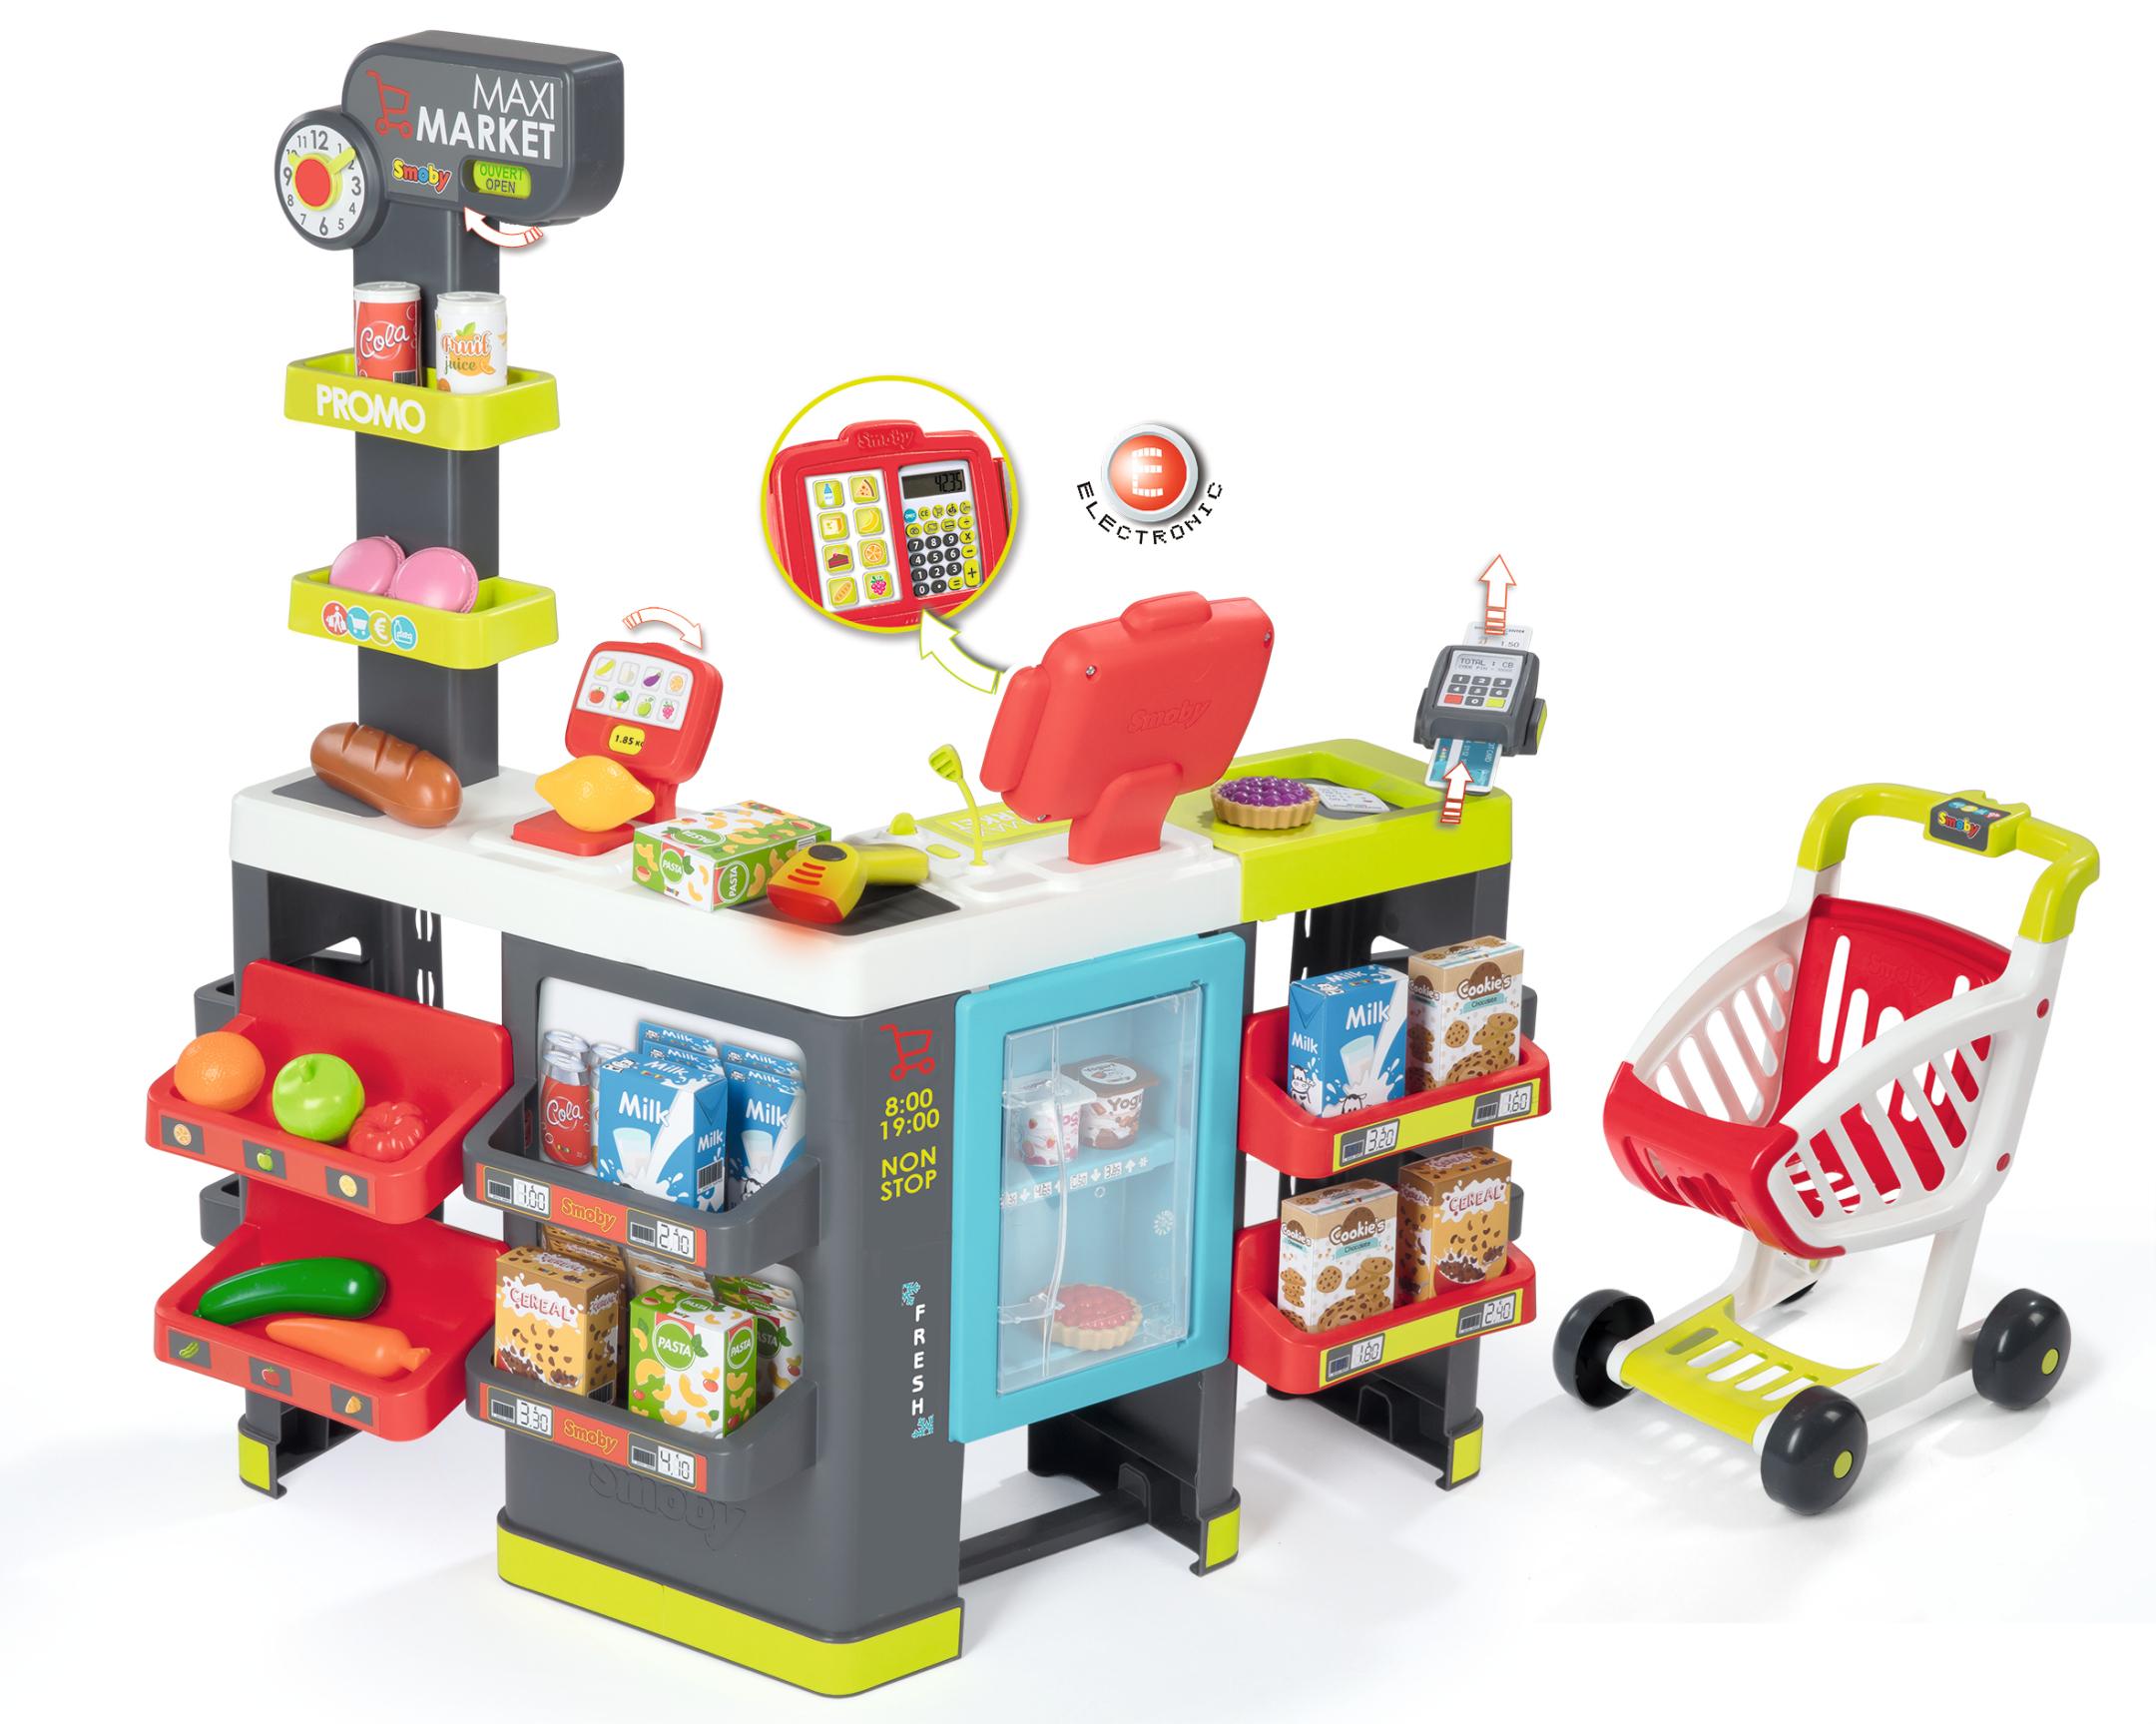 Maxi Supermarkt mit Einkaufswagen